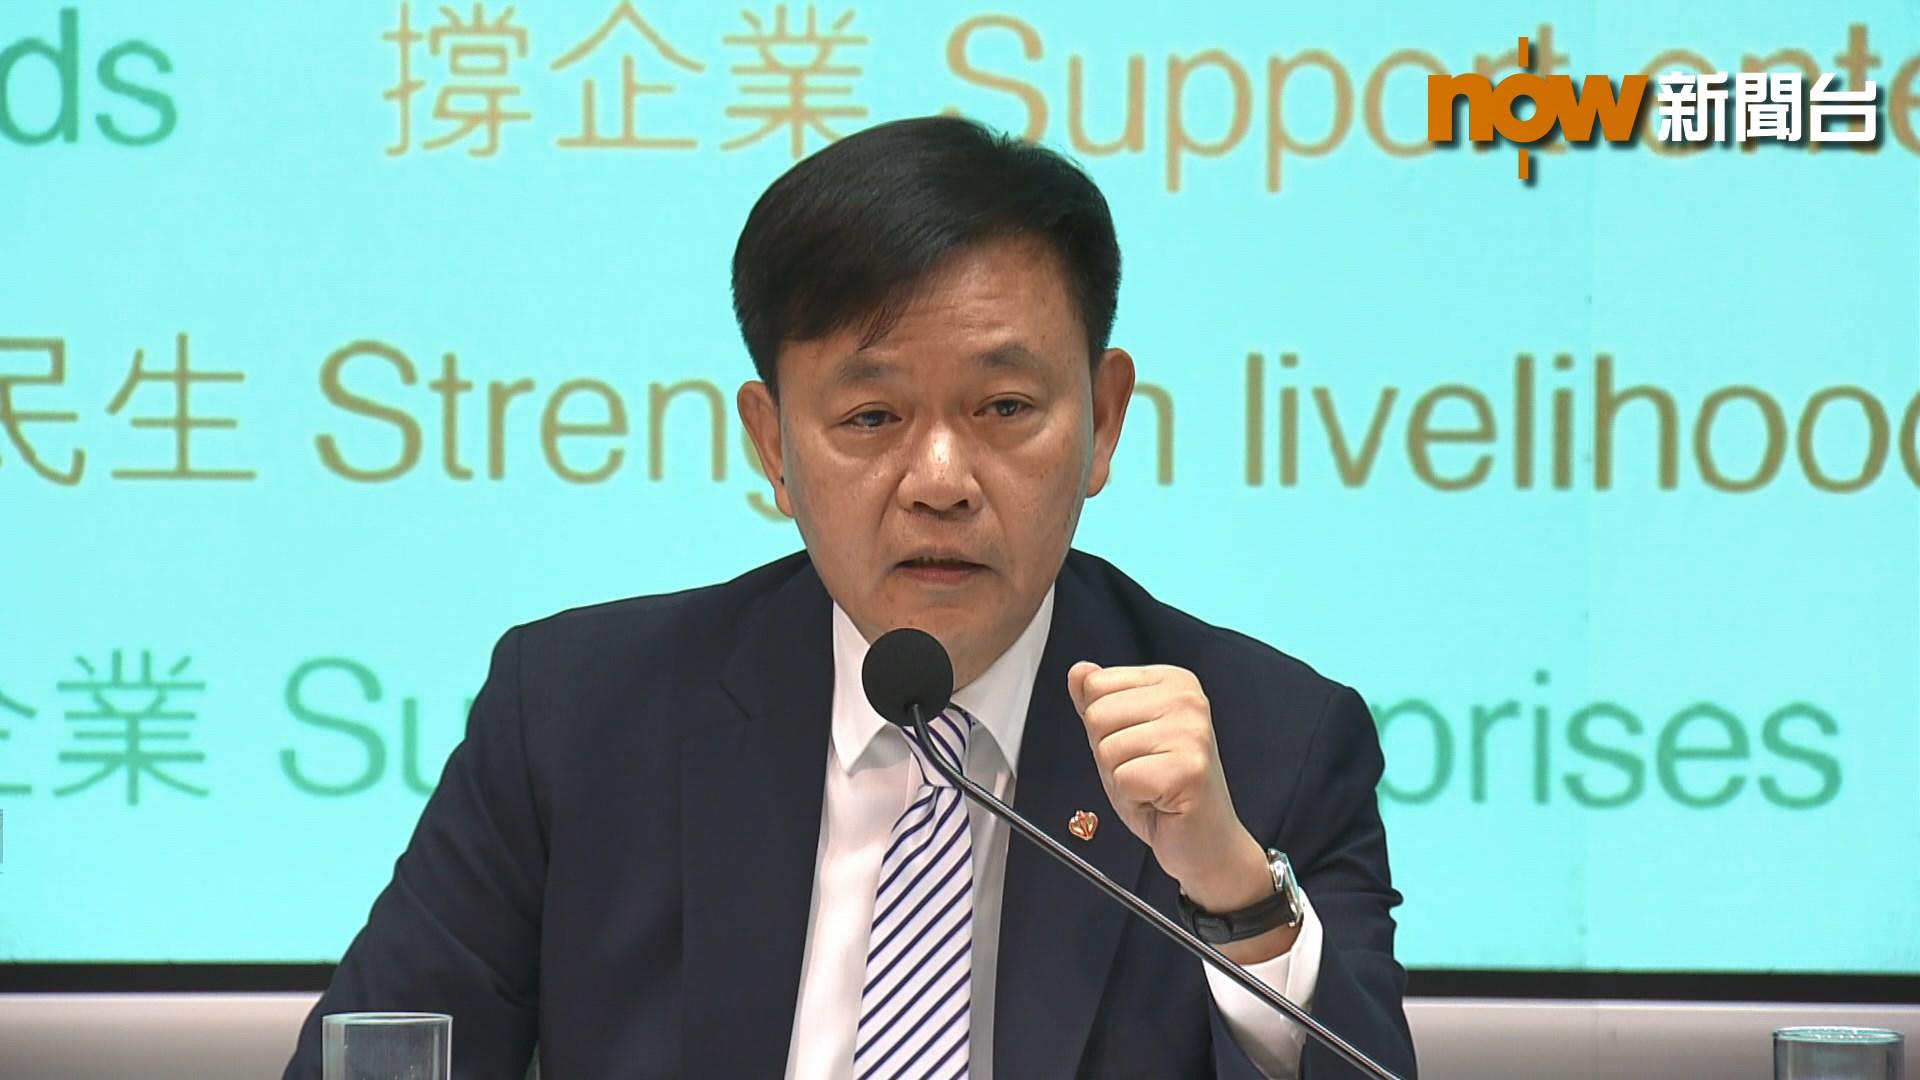 梁栢賢:100億基金能提升醫護人員士氣